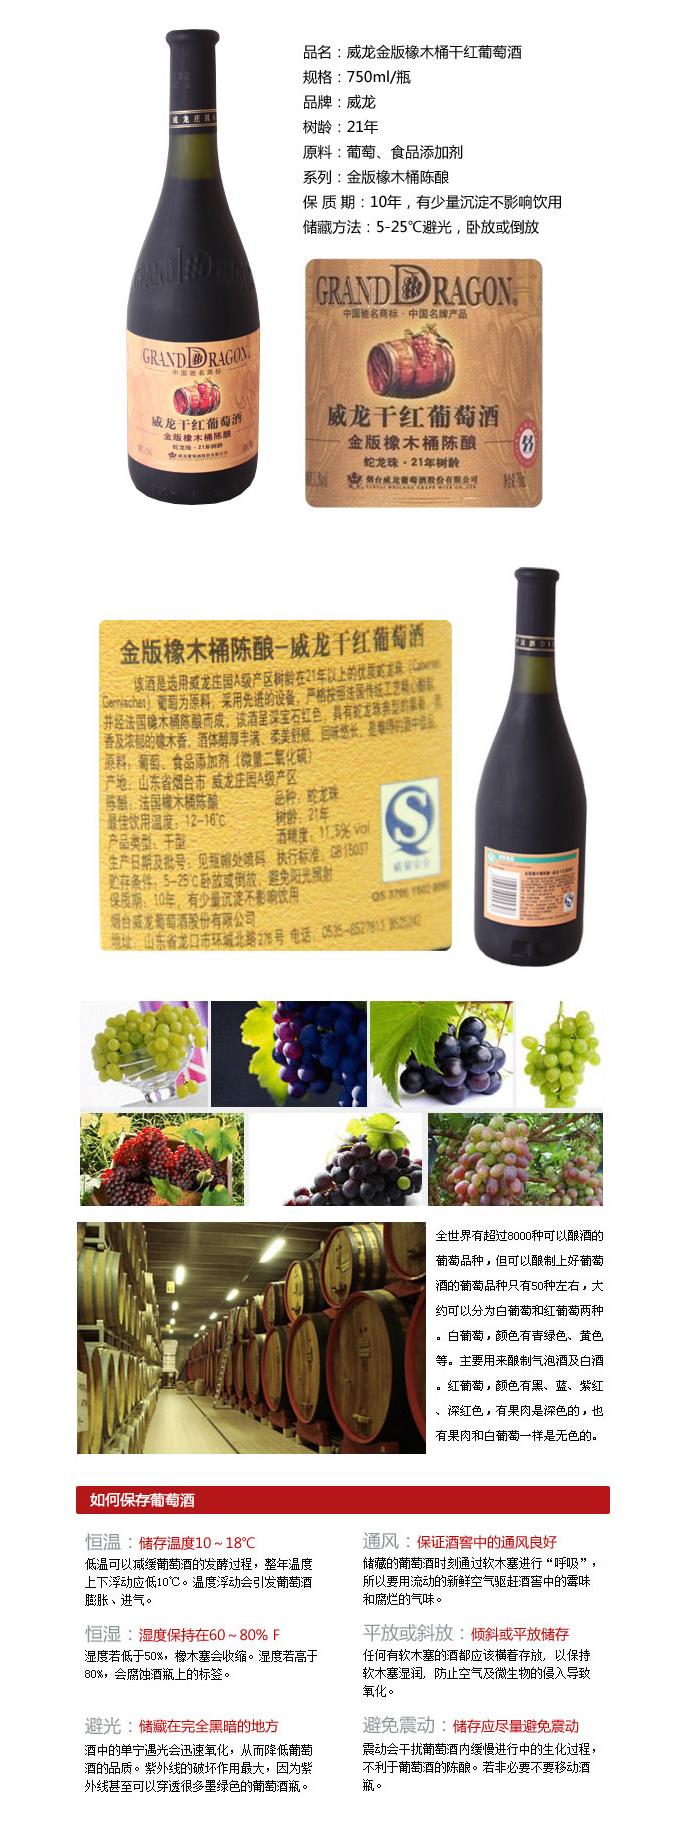 品名:威龙金版橡木桶21年树龄干红葡萄酒 750ml/瓶 规格:750ml/瓶 品牌:威龙 原料:葡萄、食品添加剂 系列:金版橡木桶陈酿 品种:蛇龙珠 酒精度:11.5%vol 生产许可证编号:QS370615020098 产品标准号:GB15037 保 质 期:10年,有少量沉淀不影响饮用 储藏方法:5-25避光,卧放或倒放 产地:中国 山东 商品特点: 该酒是选用威龙庄园21年树龄的优质蛇龙珠葡萄为原料,采用先进的设备,严格按照法国传统工艺精心酿制,并经法国橡木桶陈酿而成。该酒呈深宝石红色,具有蛇龙珠